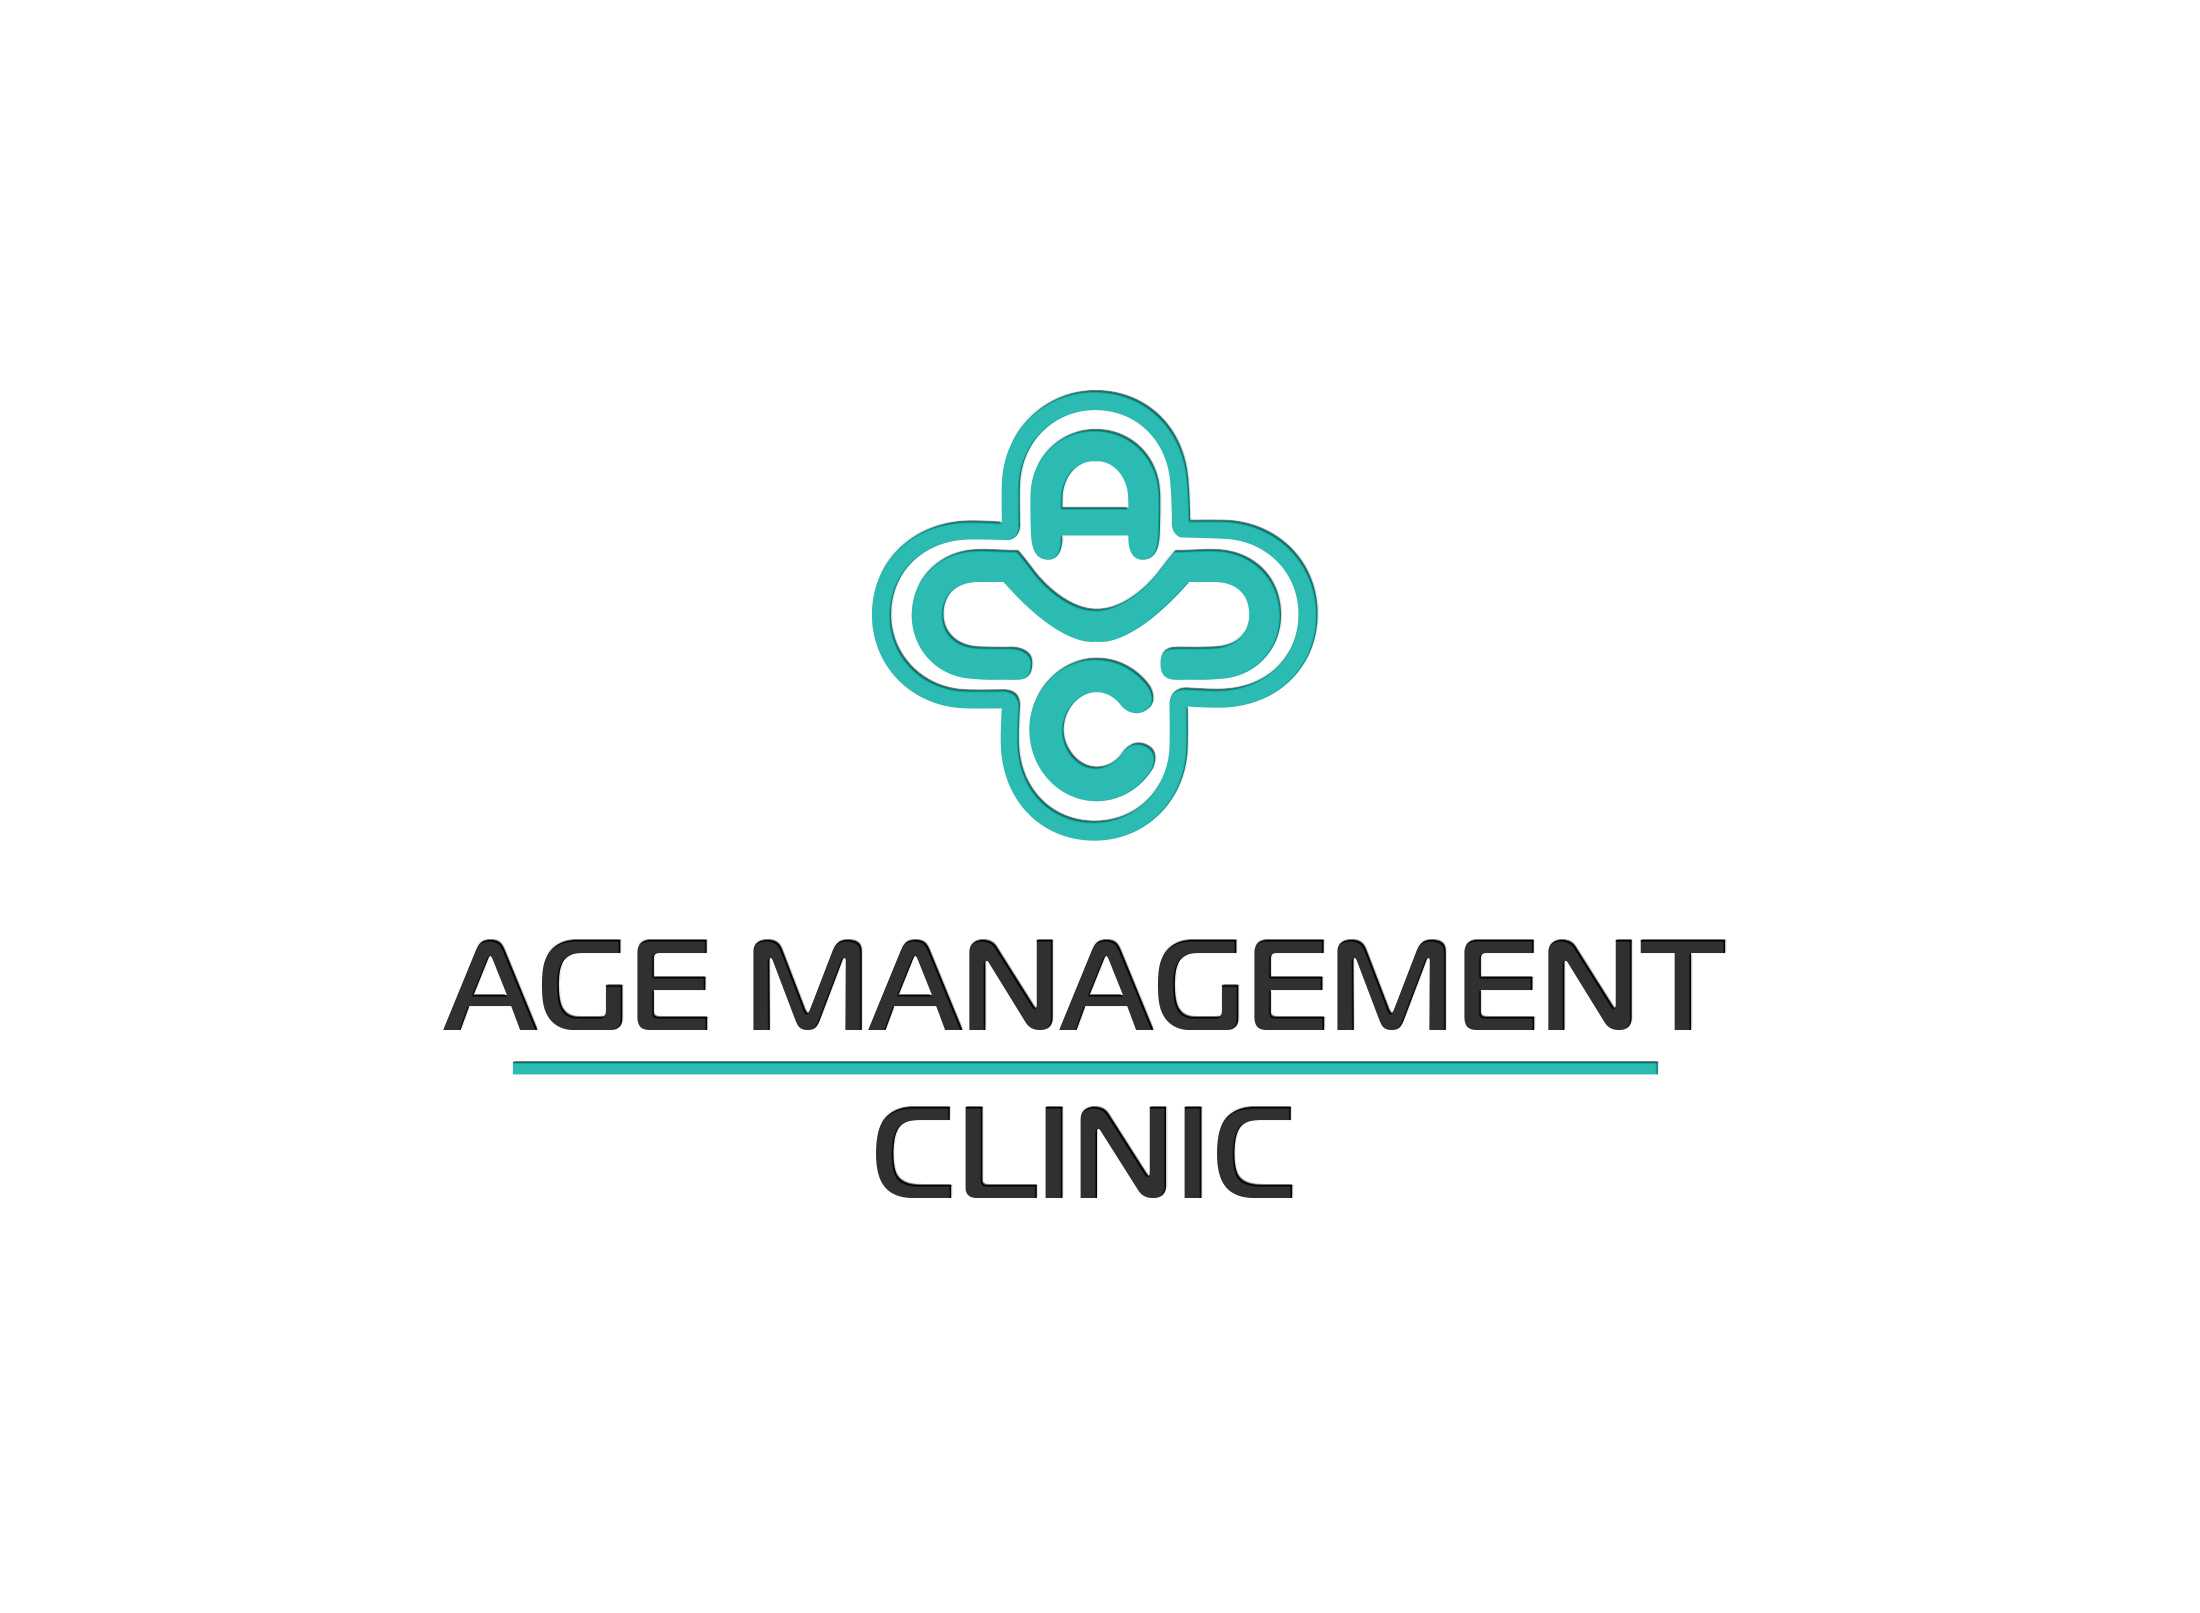 Логотип для медицинского центра (клиники)  фото f_6005ba15d98e35b1.jpg